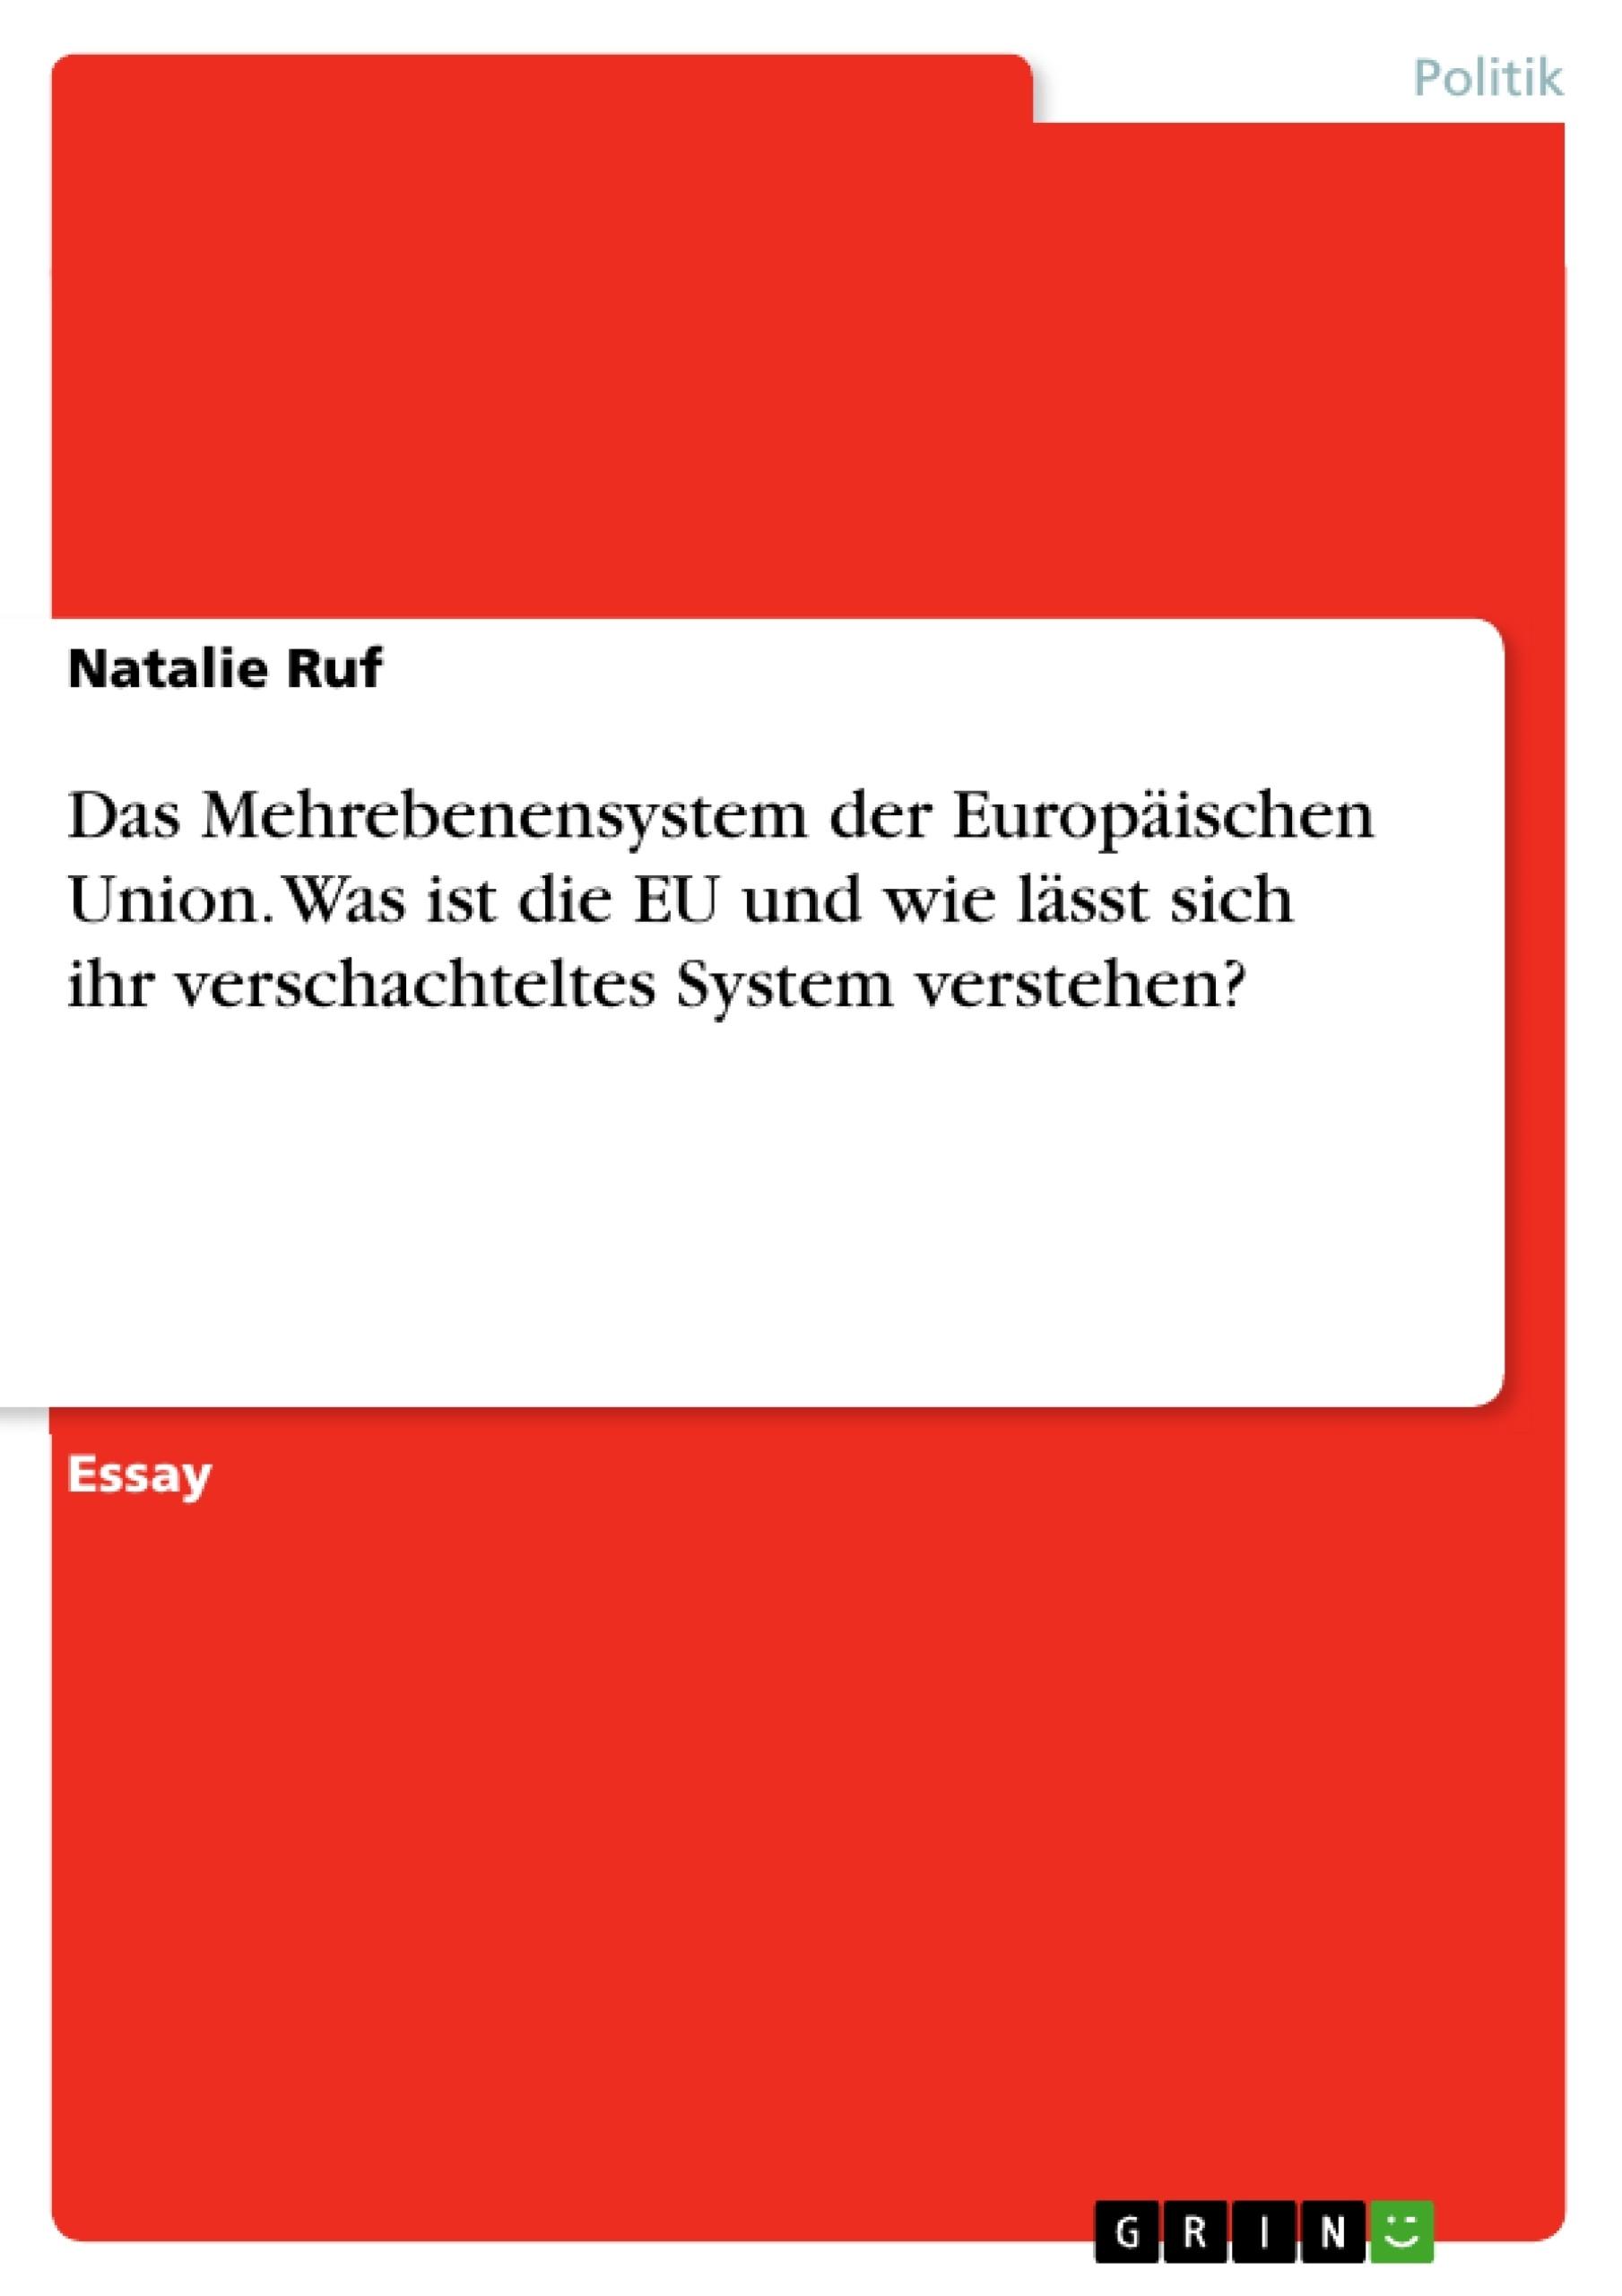 Titel: Das Mehrebenensystem der Europäischen Union. Was ist die EU und wie lässt sich ihr verschachteltes System verstehen?